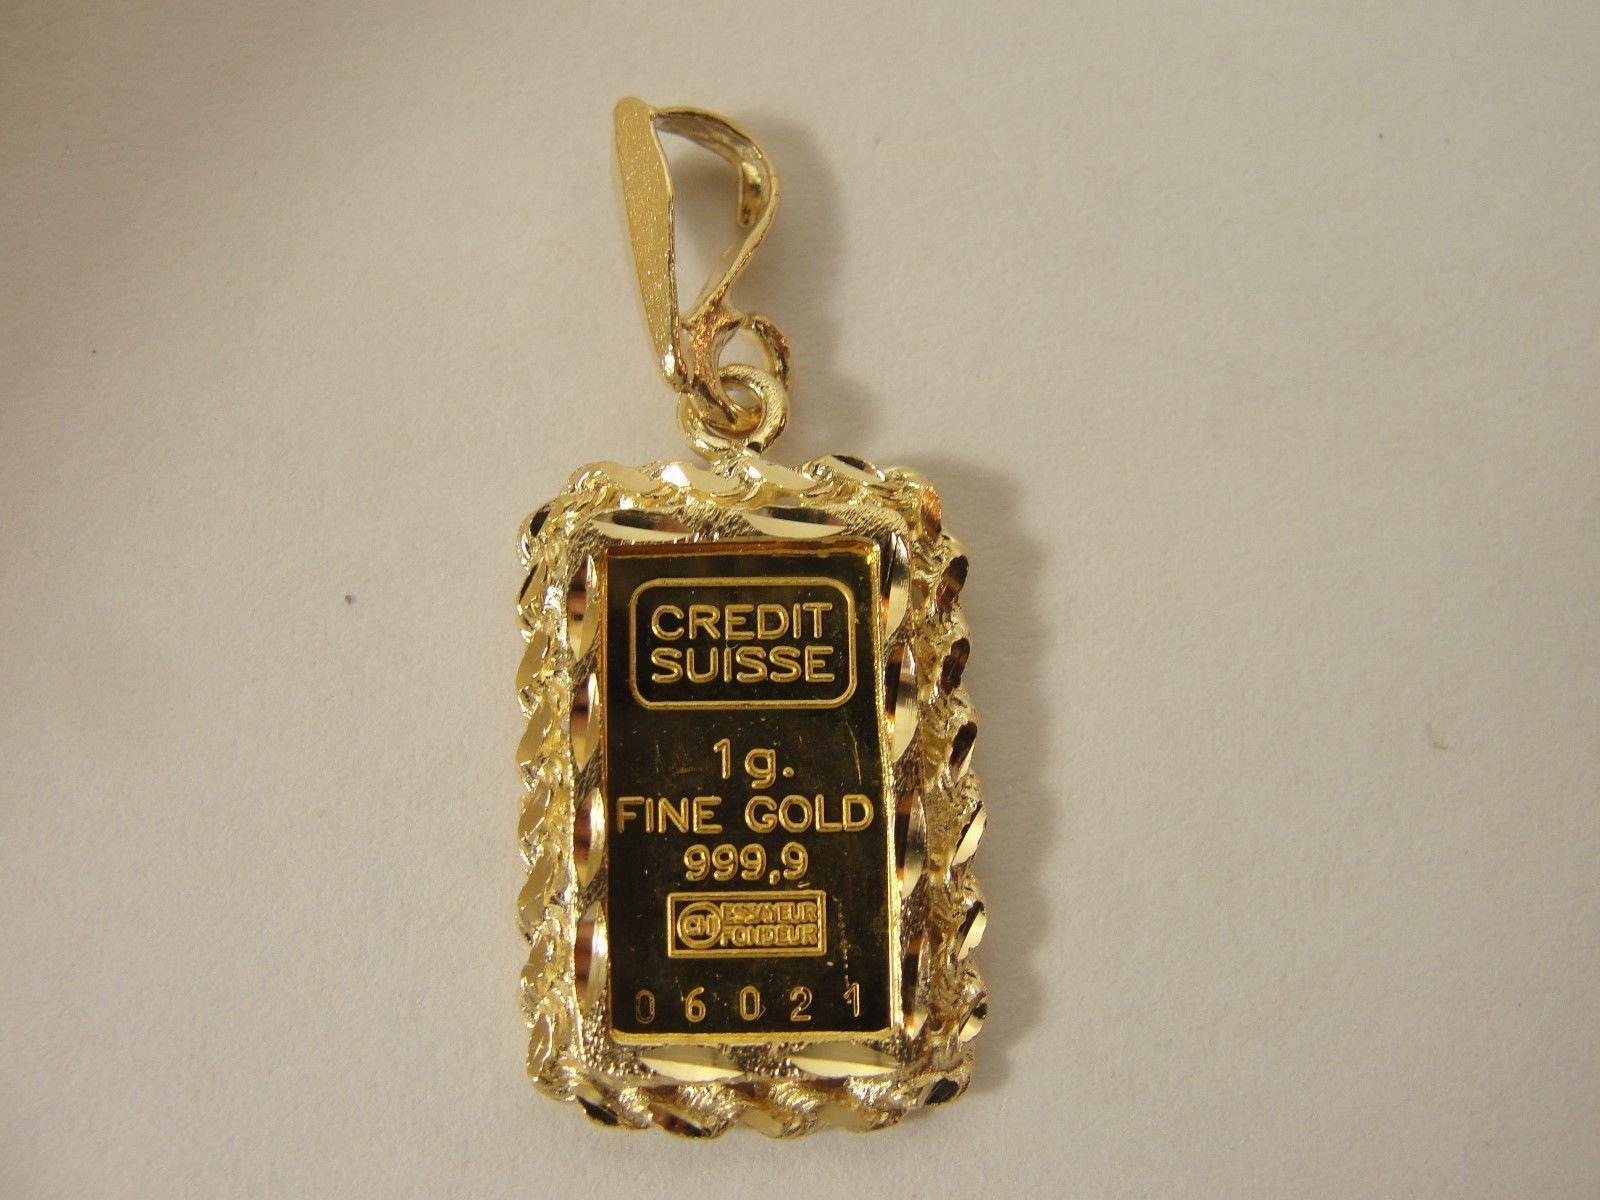 Genuine 999 9 Fine Gold Credit Suisse 1 Gram Bullion Bar In 14kt Gold Holder Goldinvesting